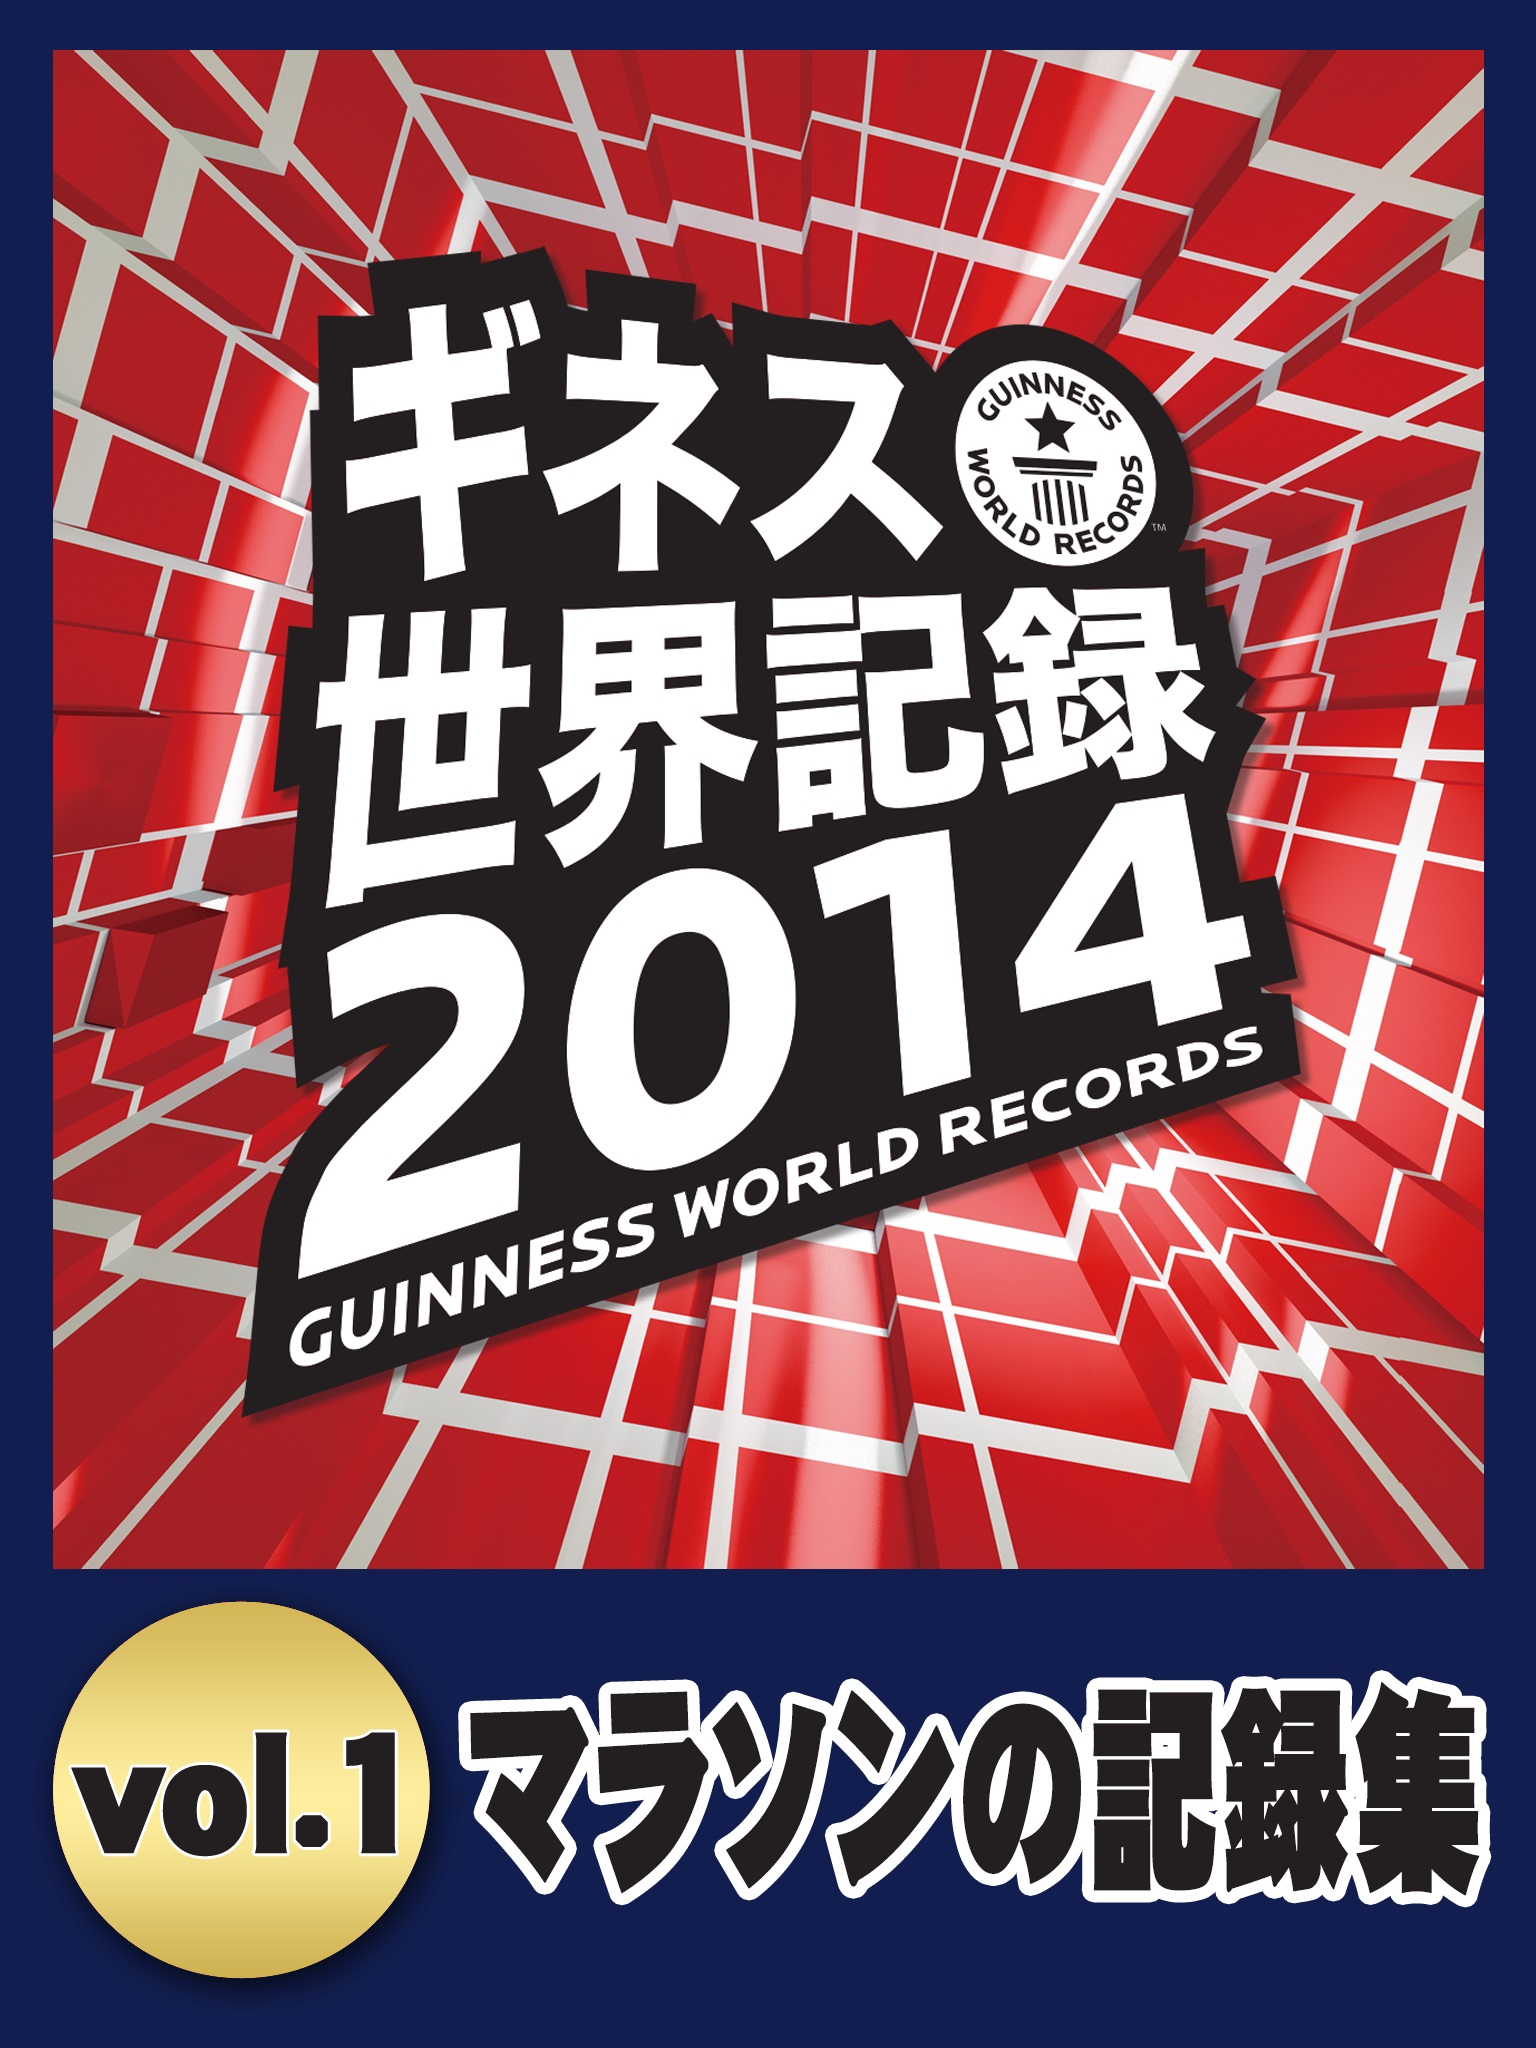 ギネス世界記録2014 vol.1 〜マラソンの記録集〜